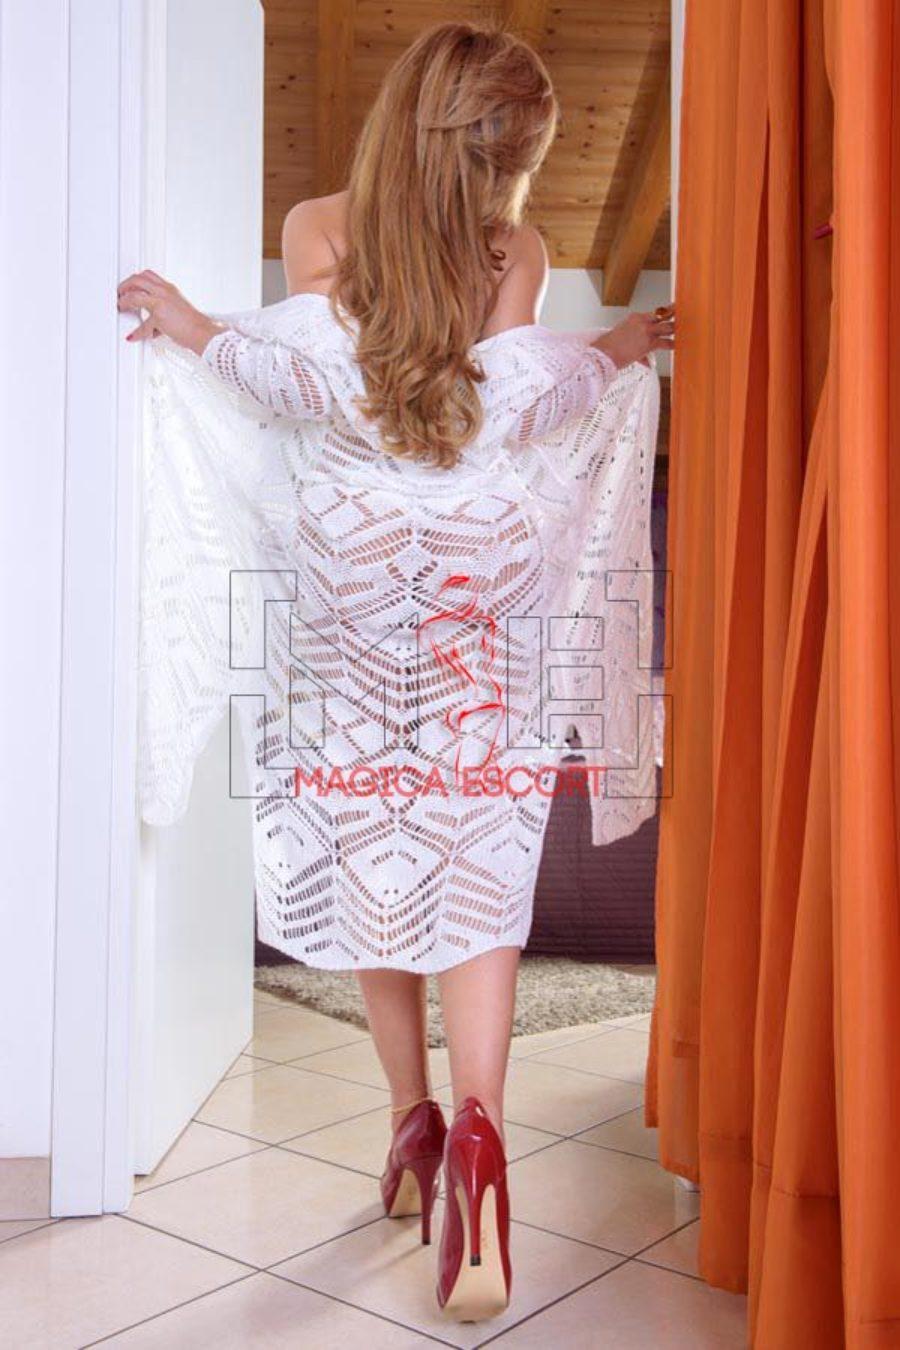 Karla escort Piacenza mentre si toglie la vestaglia.